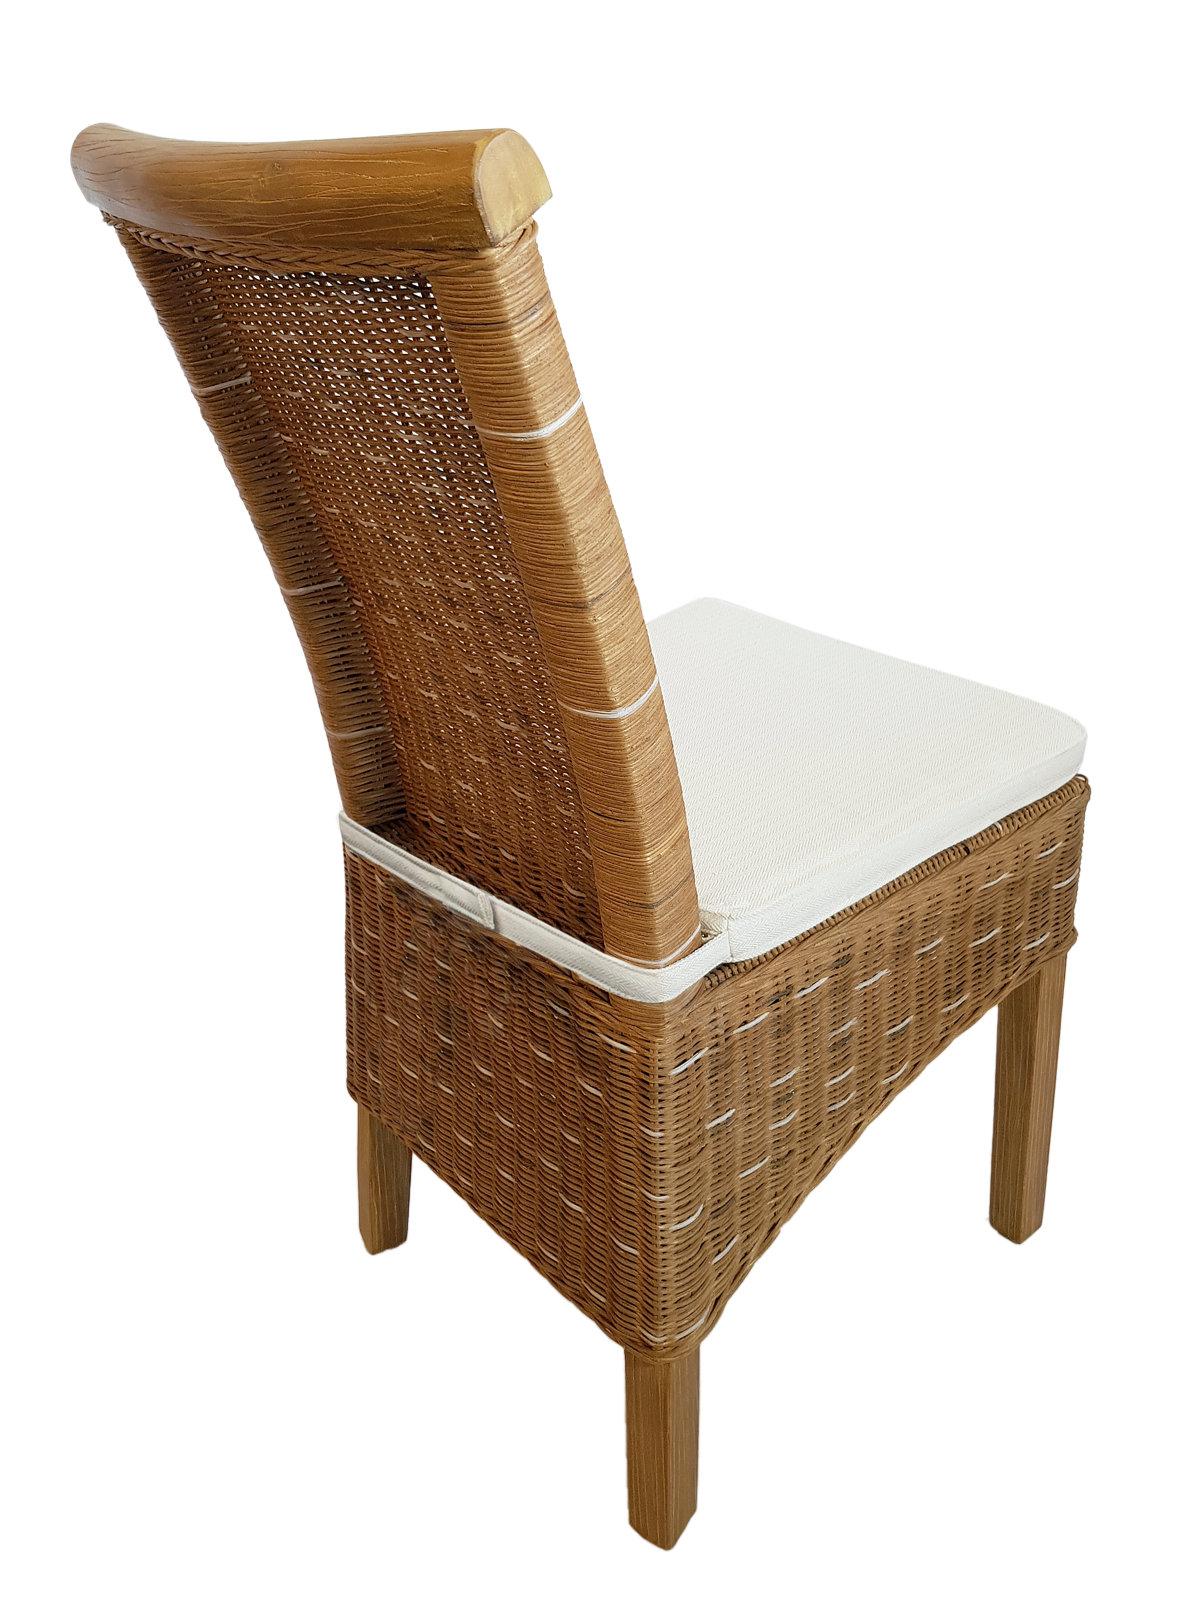 Esszimmer-Stühle Set Rattanstühle Perth 6 Stück weiß, Sitzkissen Leinen weiß